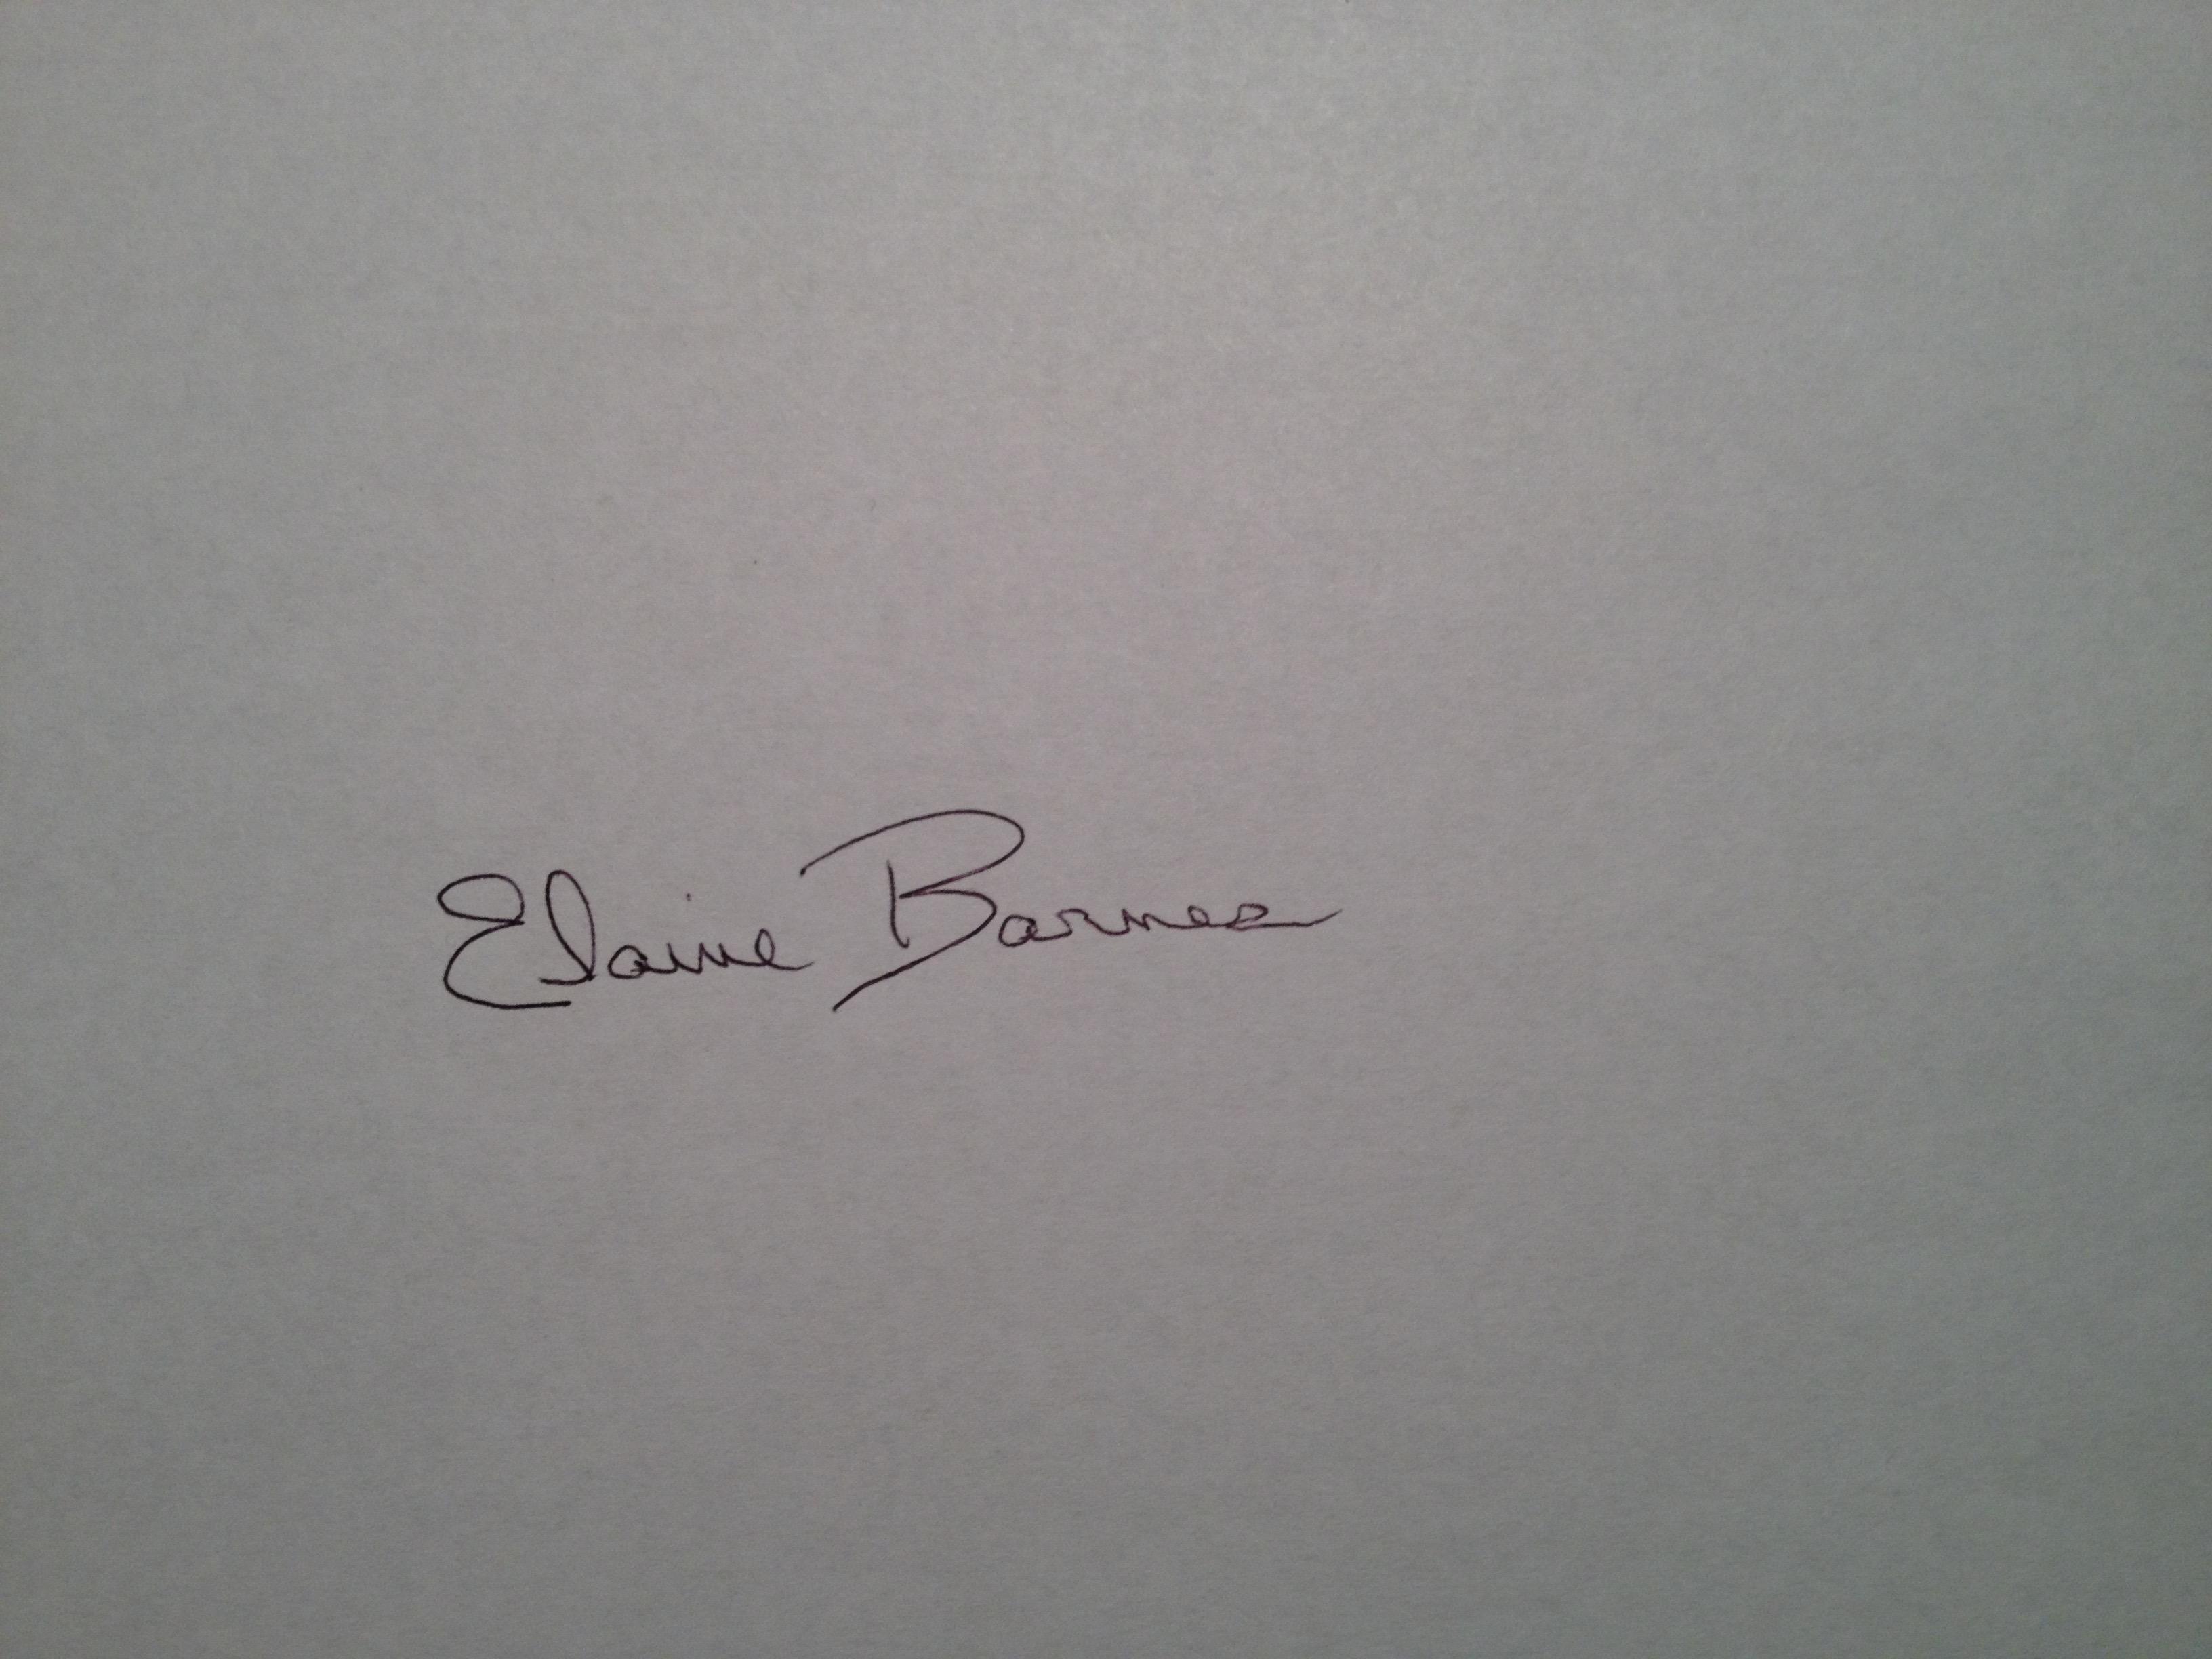 Elaine Barnes Signature